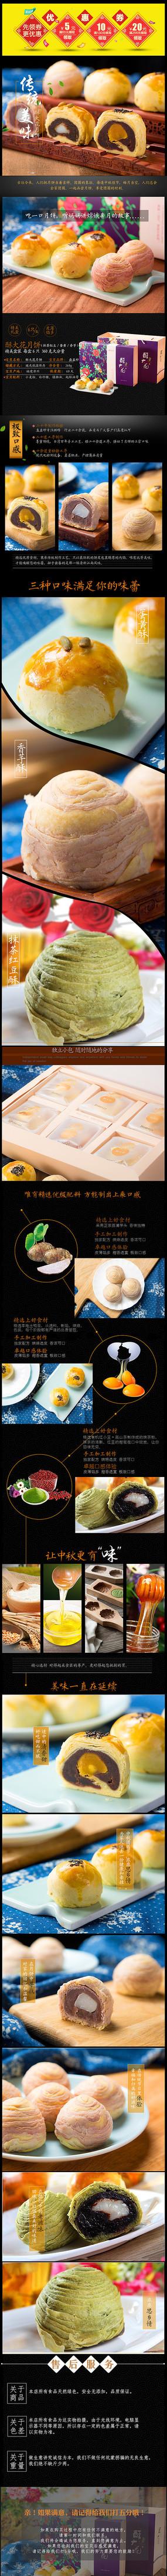 淘宝食品月饼详情描述页